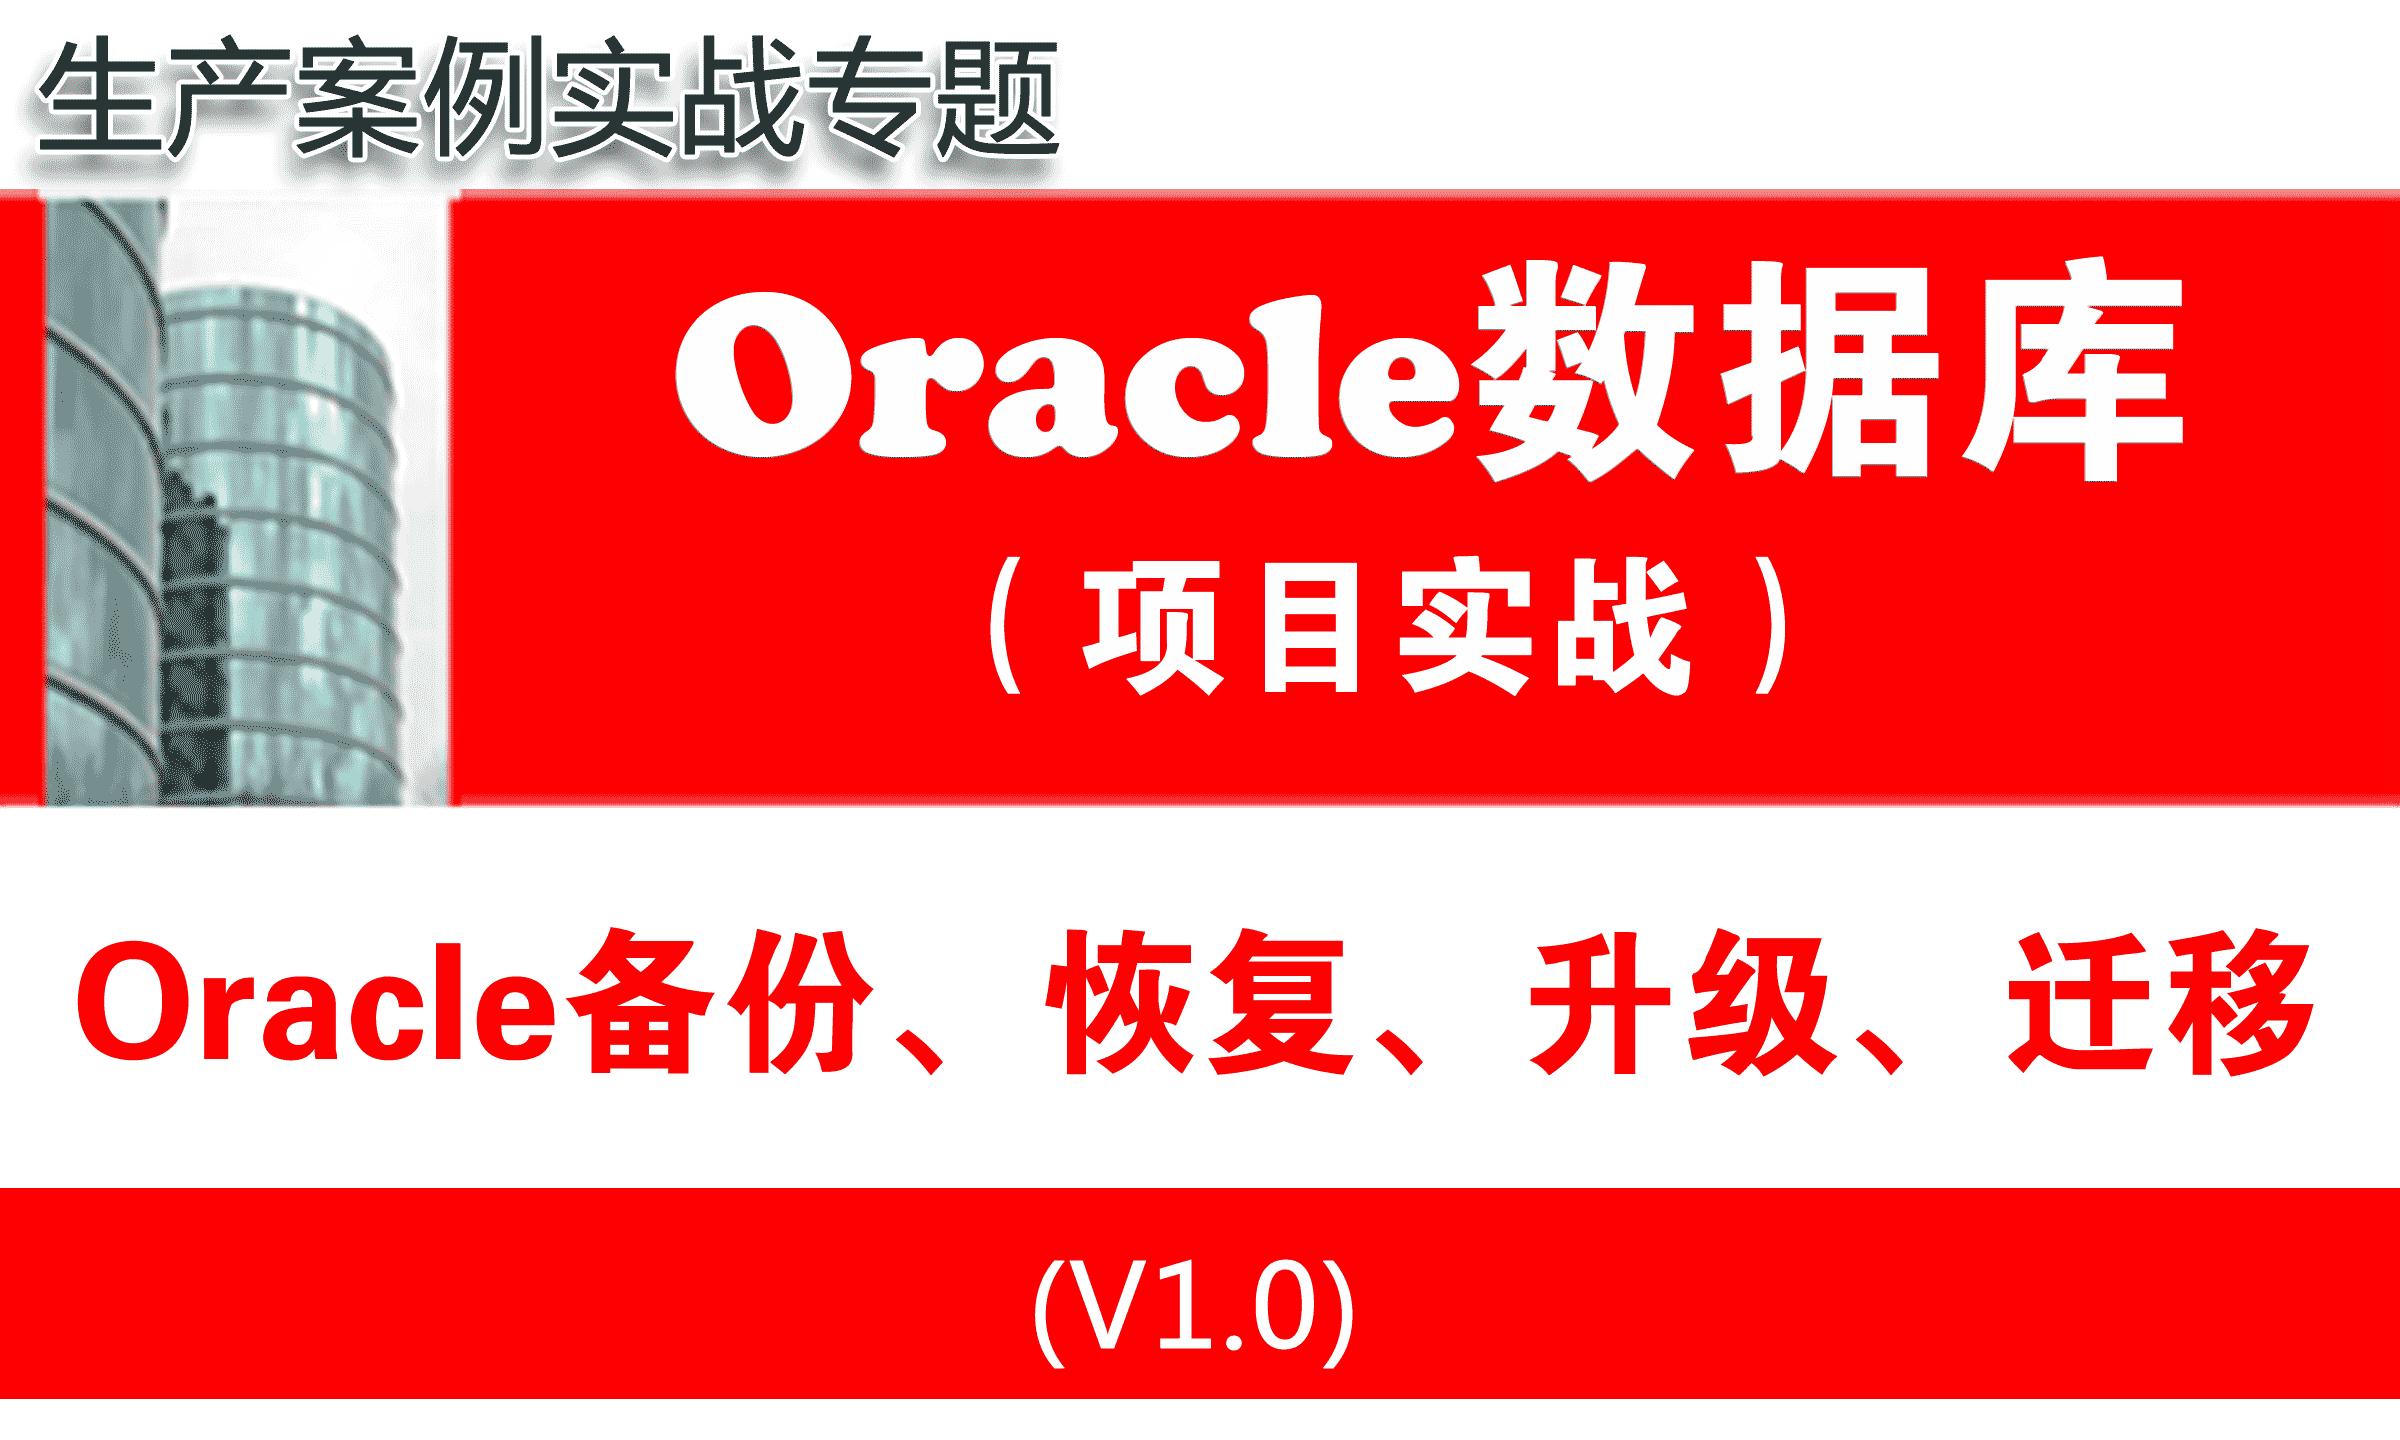 Oracle数据库(Oracle备份、恢复、升级、迁移)专题